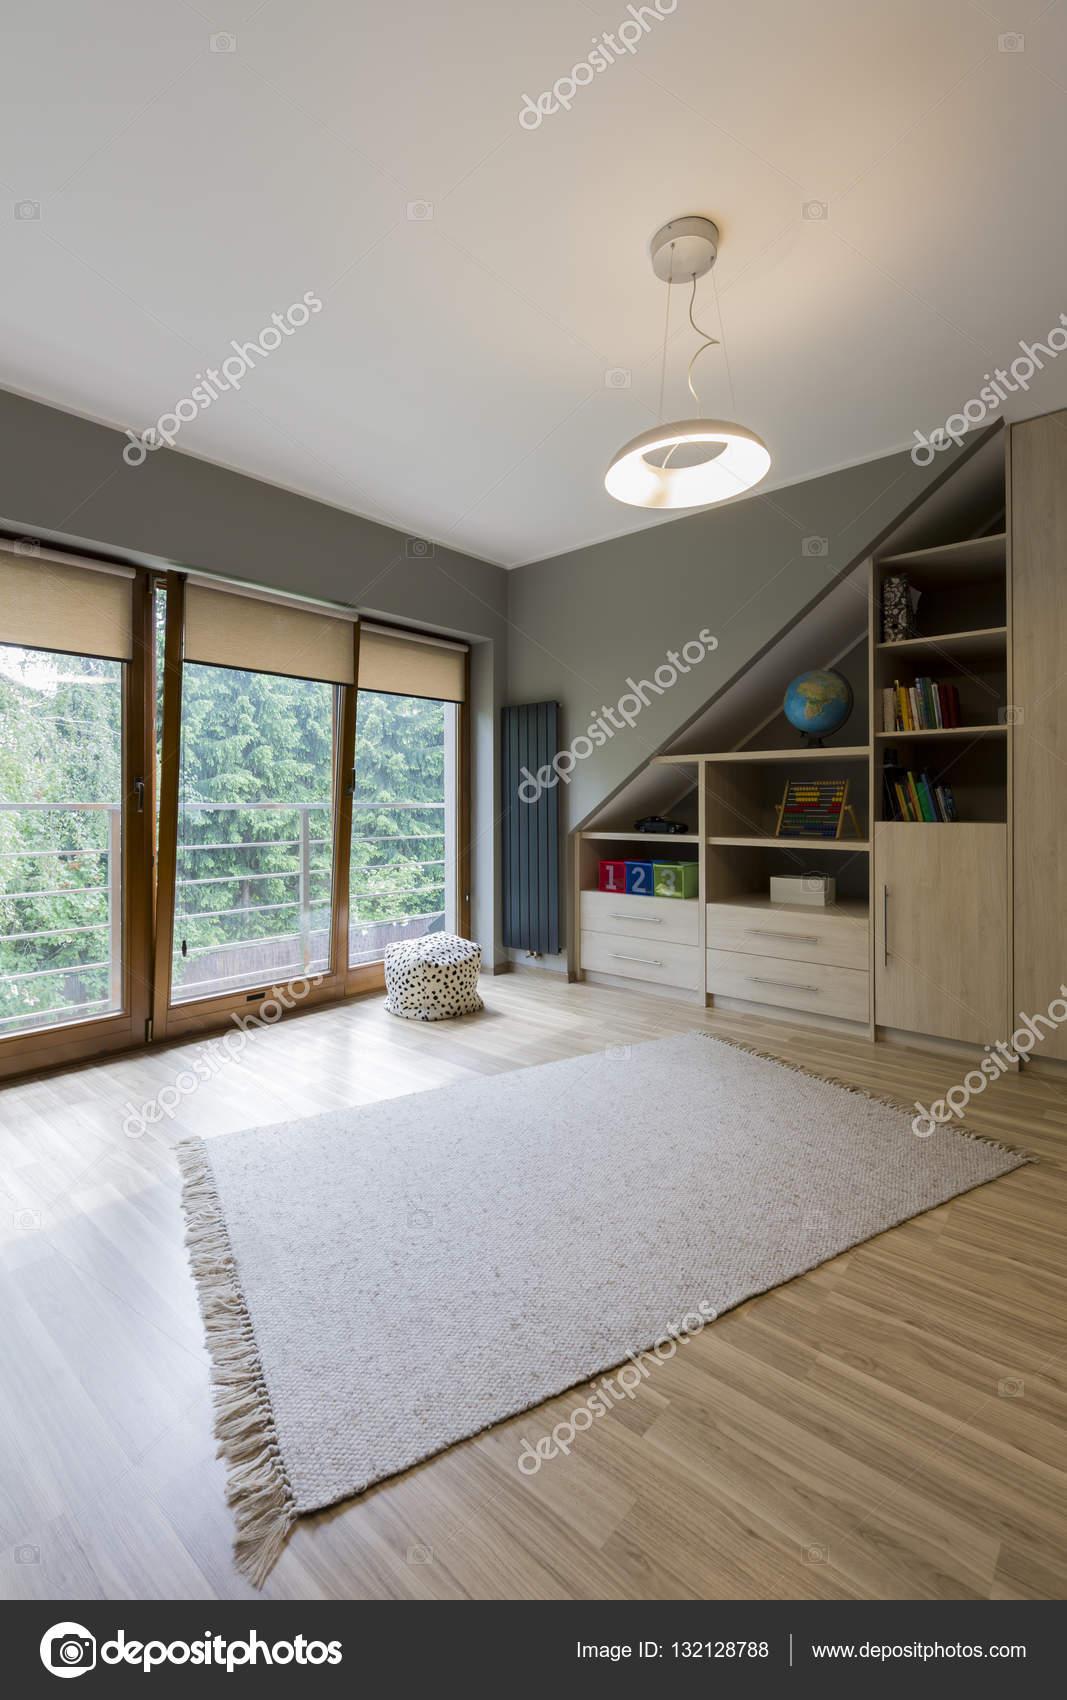 Naturfarben in Teenager diskrete Zimmer Dekor — Stockfoto ...